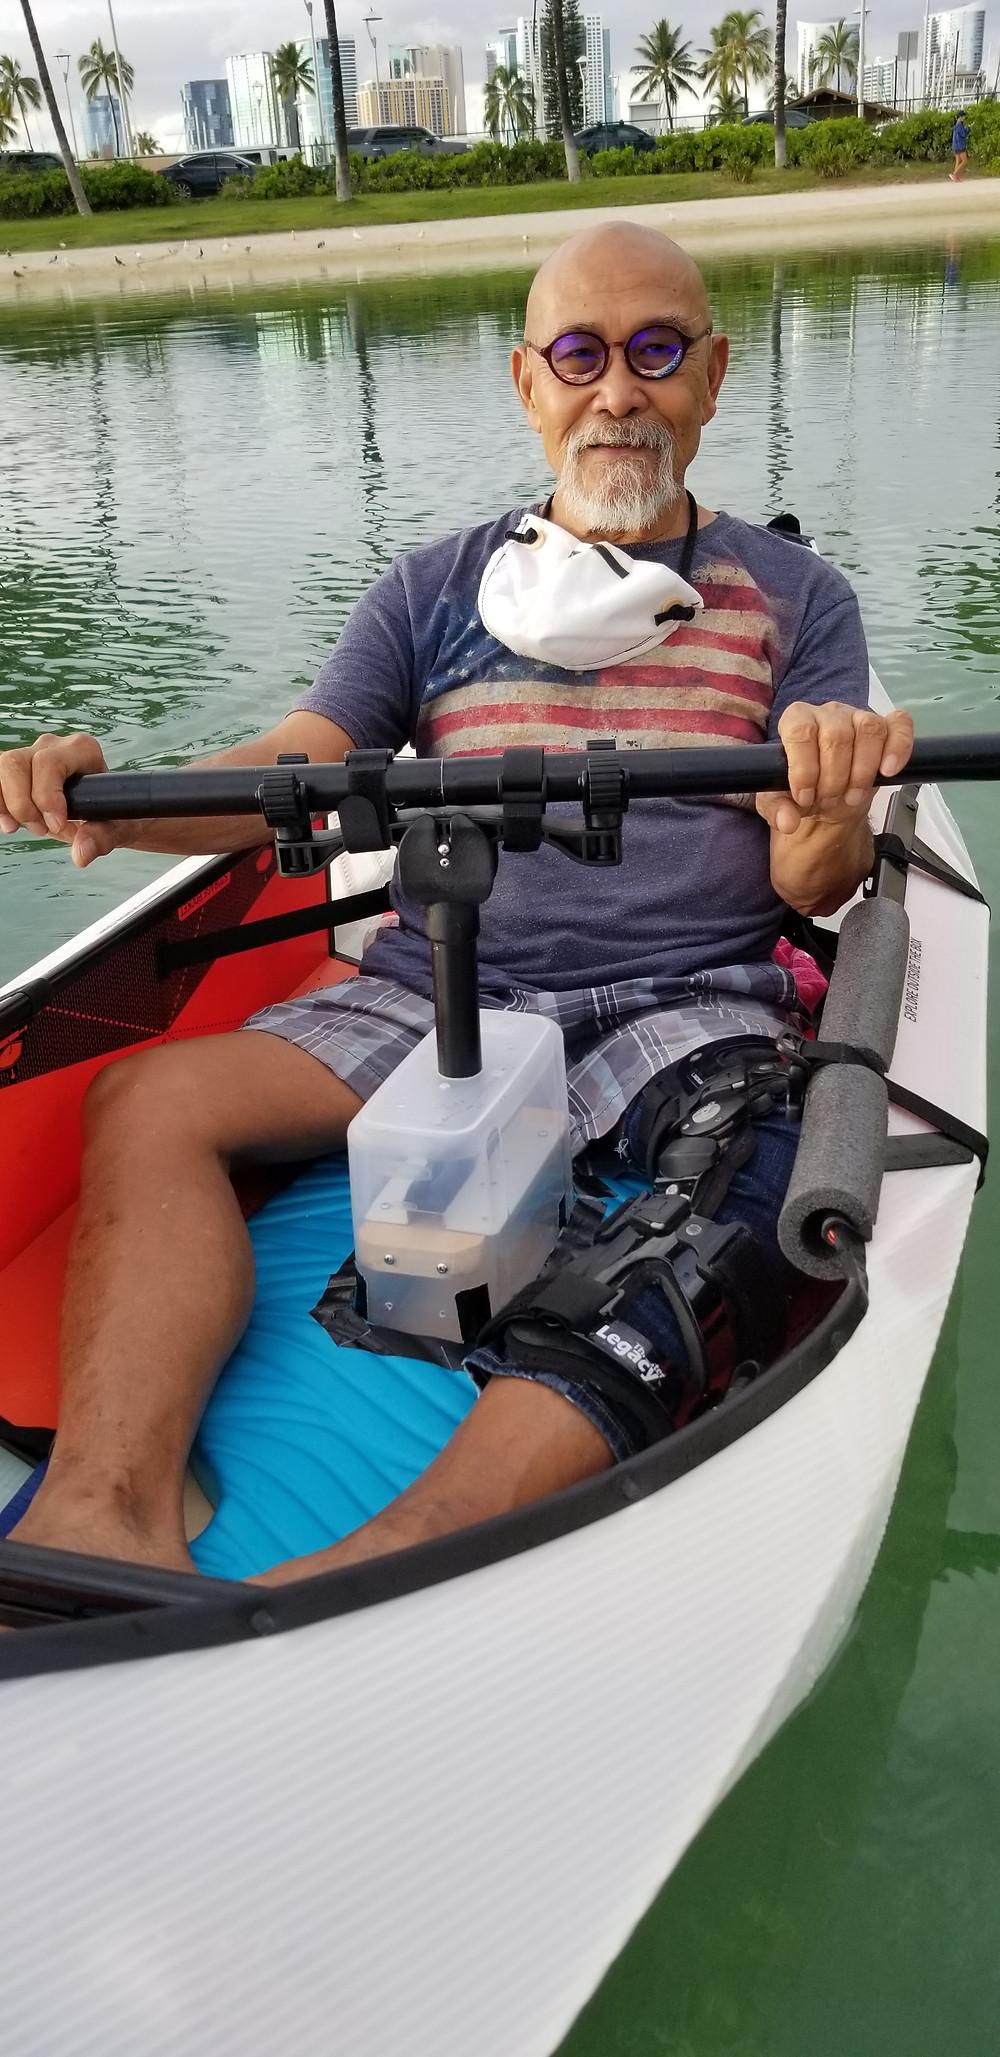 Oru Kayak Rotator Cuff Injury